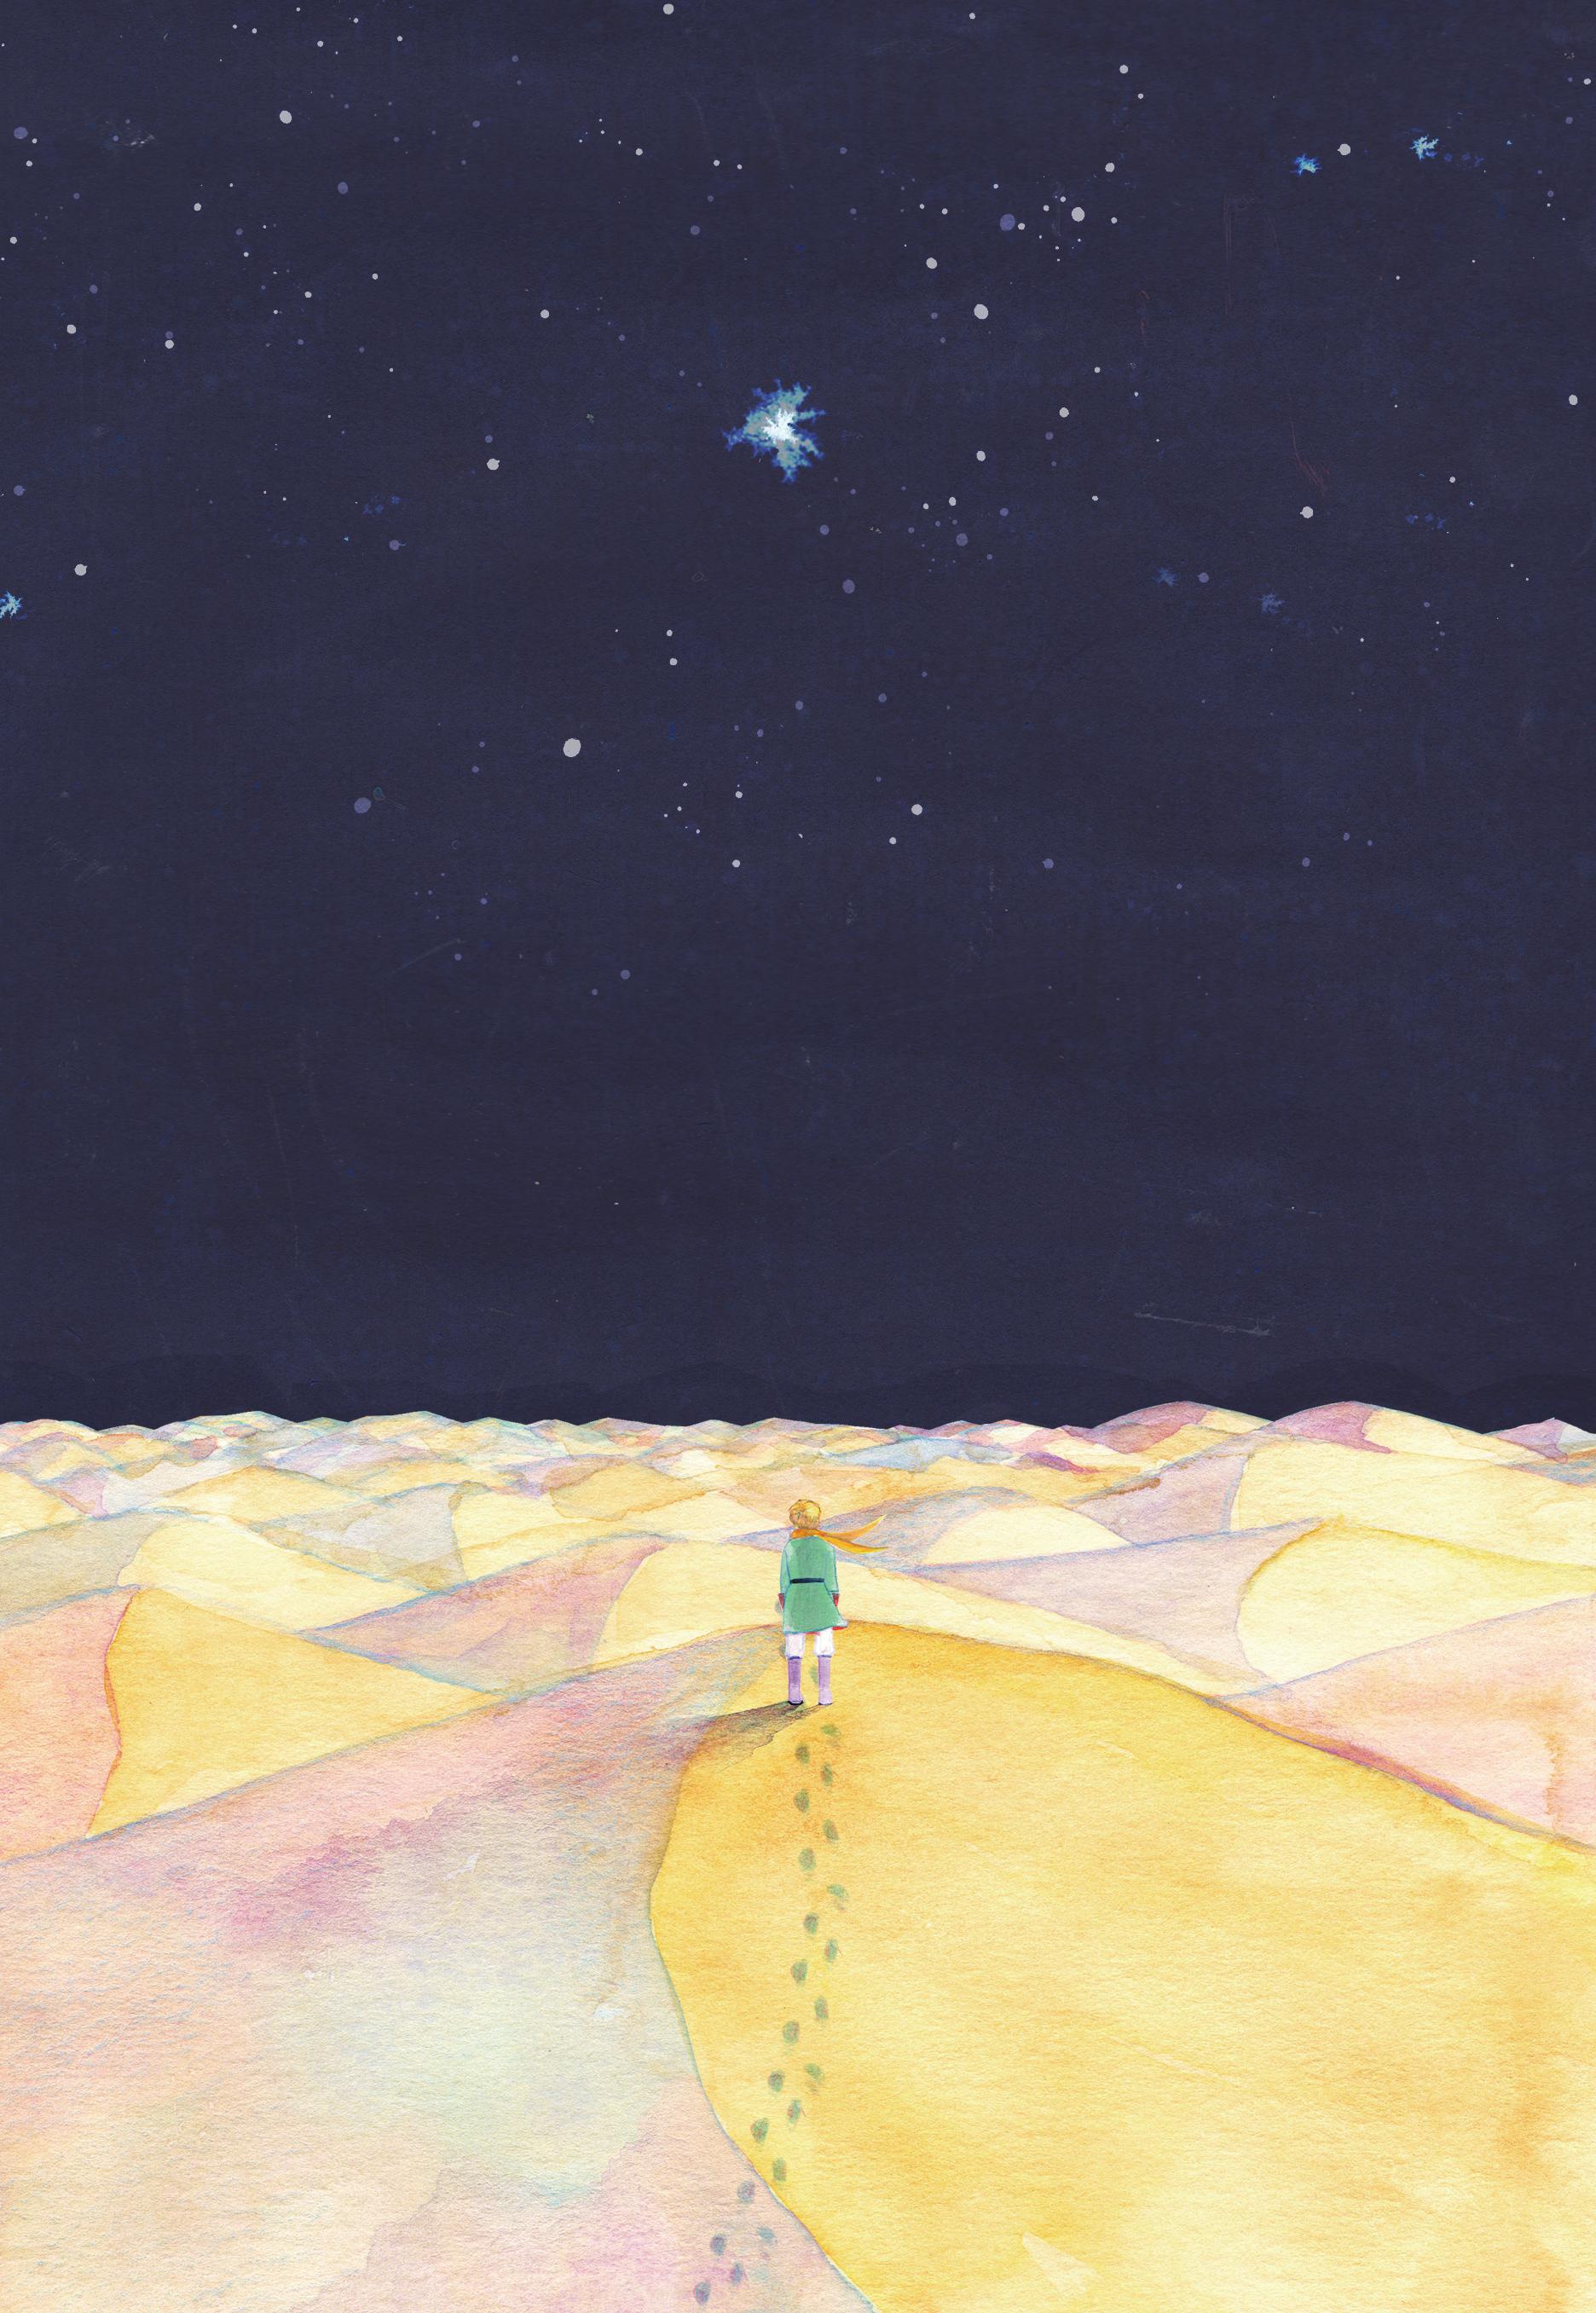 """日本ブックデザイン賞2019 装画・四六判部門ー銅の本賞  日本ブックデザイン賞2019の装画・四六判部門で銅の本賞を受賞しました。 課題図書『星の王子さま』サン=テグジュペリ   The Japan Book Design Award 2019 , bronze award  I received the bronze award at The Japan Book Design Award 2019, Thanks. """"The Little Prince."""" by Saint-Exupery"""